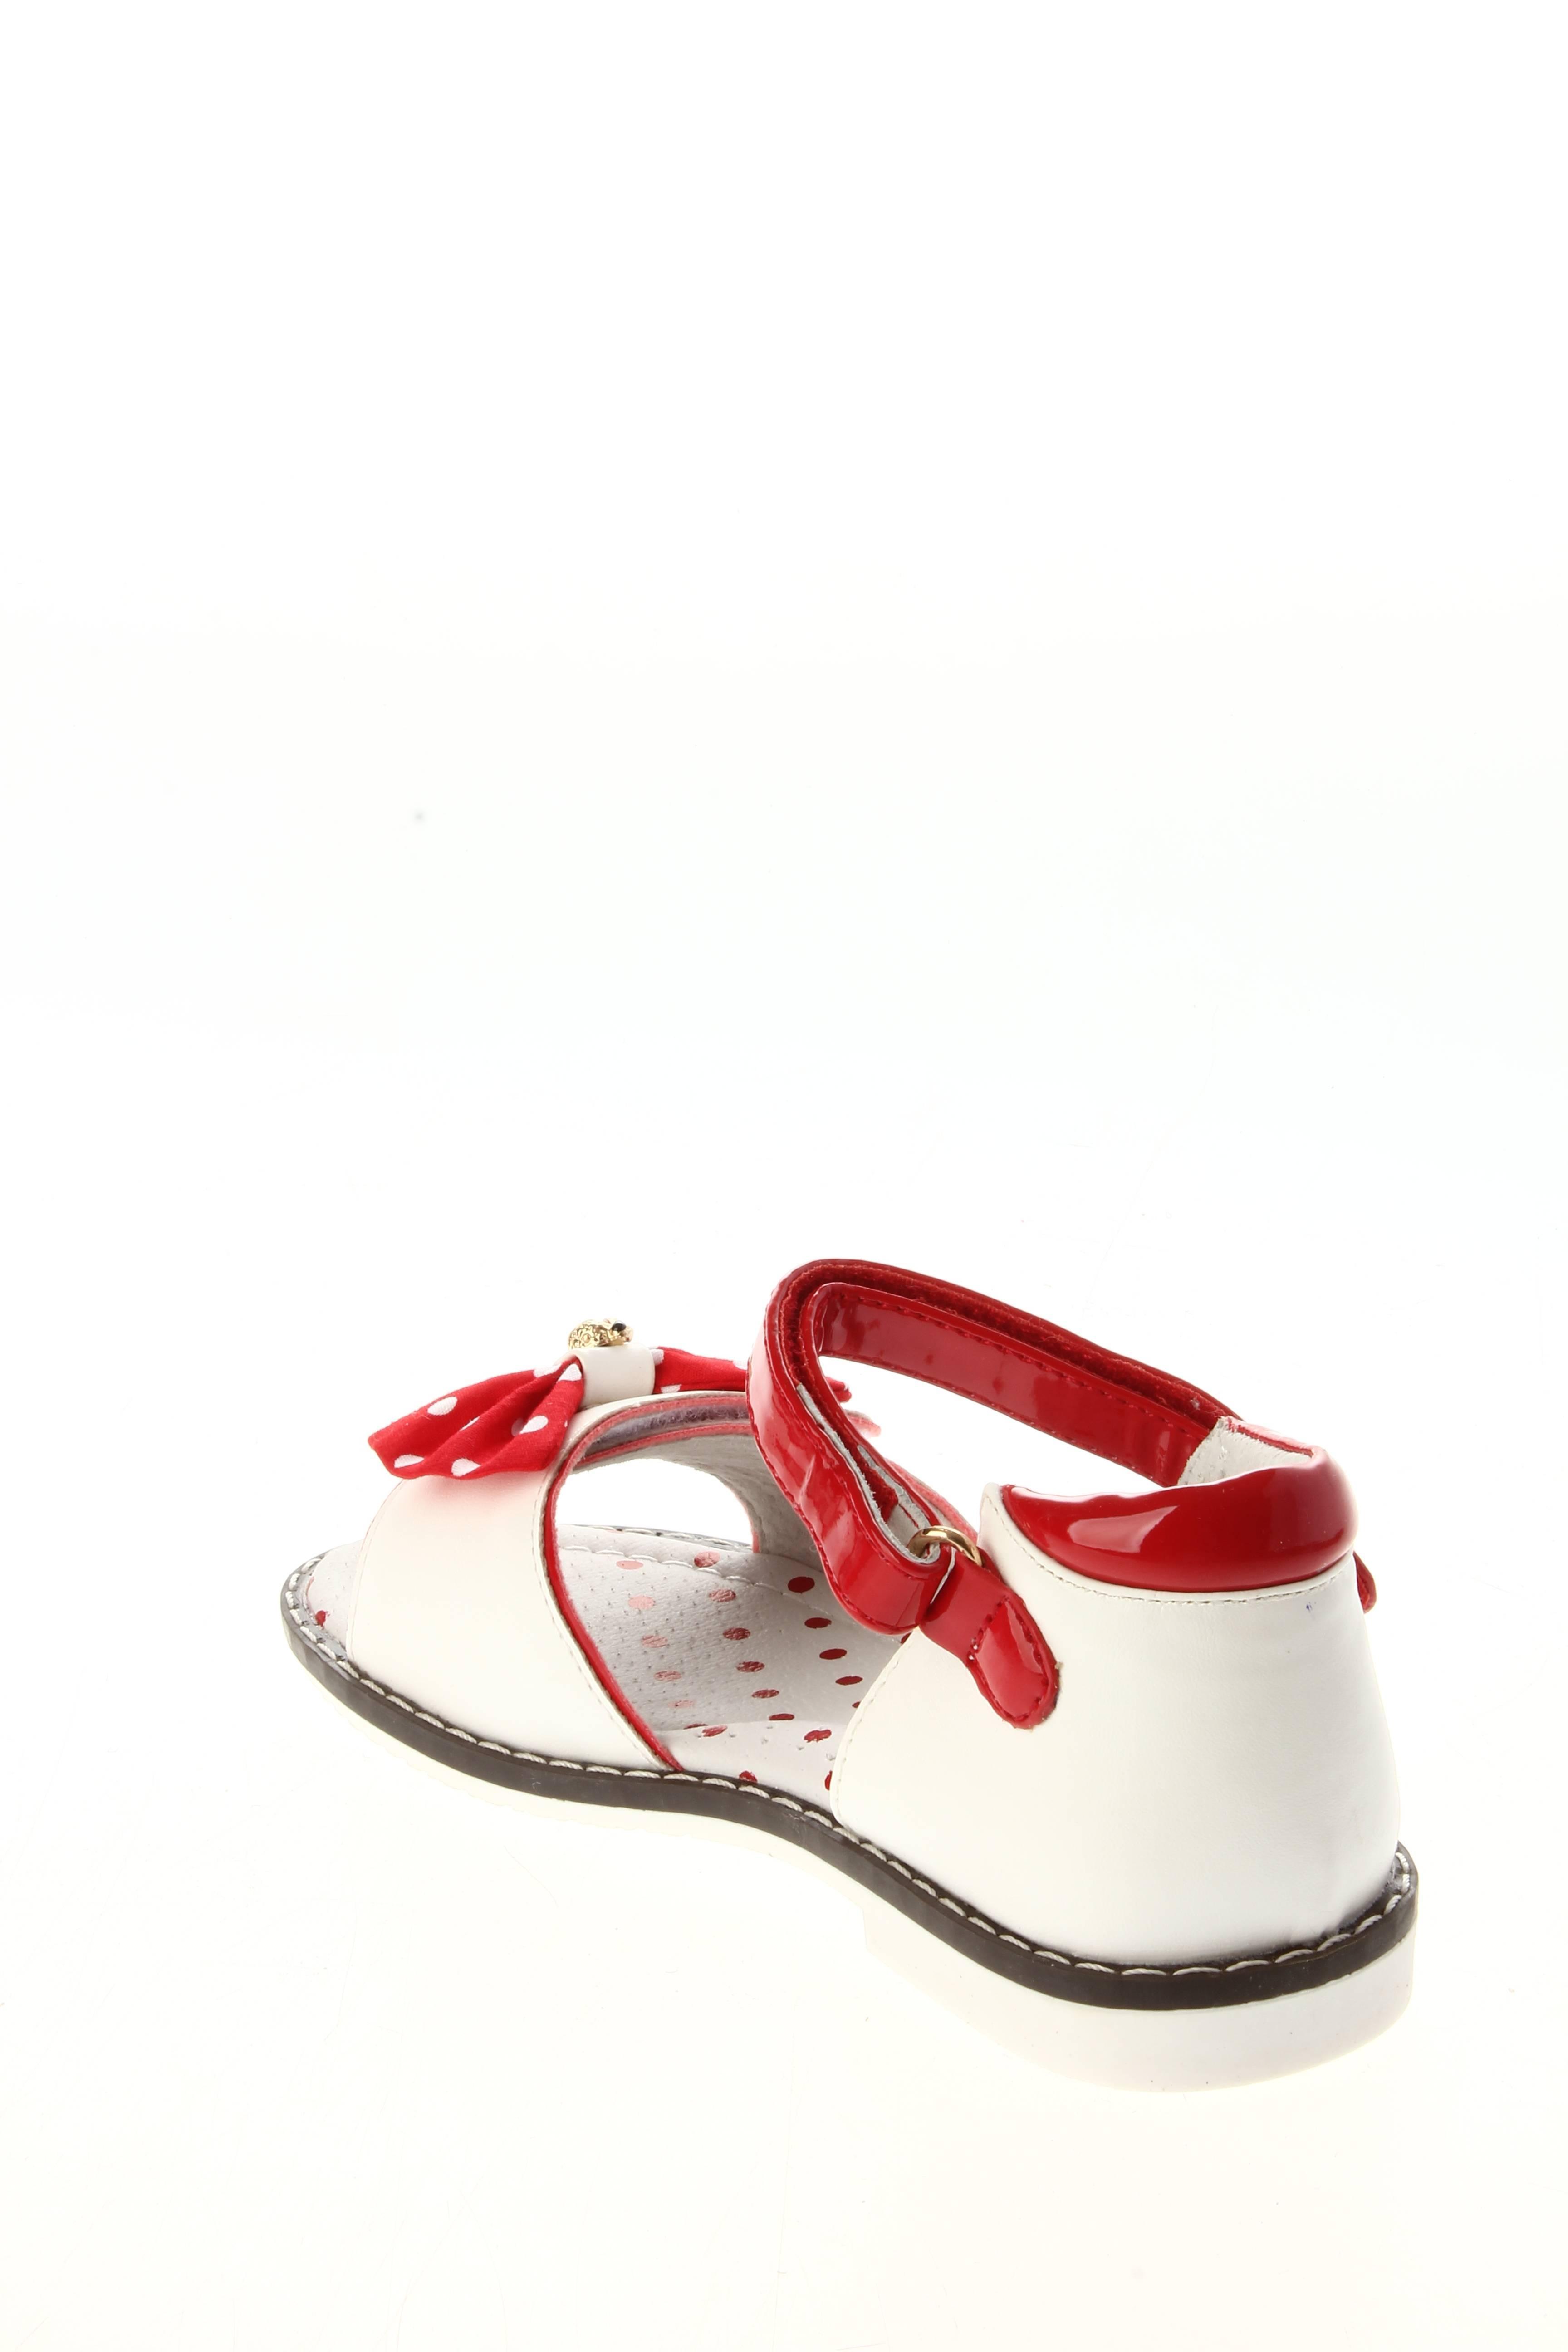 Мужская Обувь Детская Обувь Сандалии: BETSY Princess Обувь